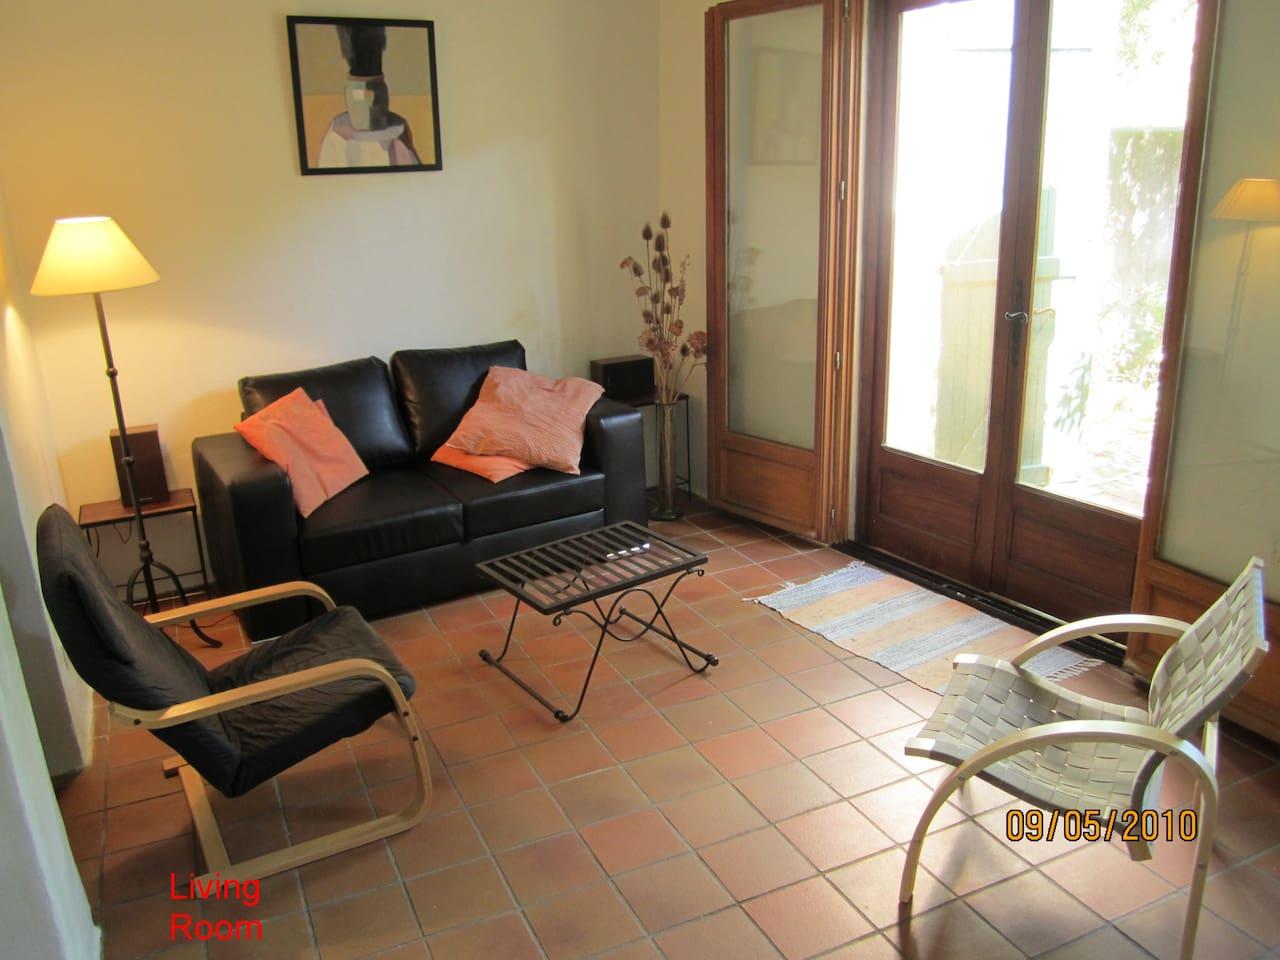 Living room looking onto garden